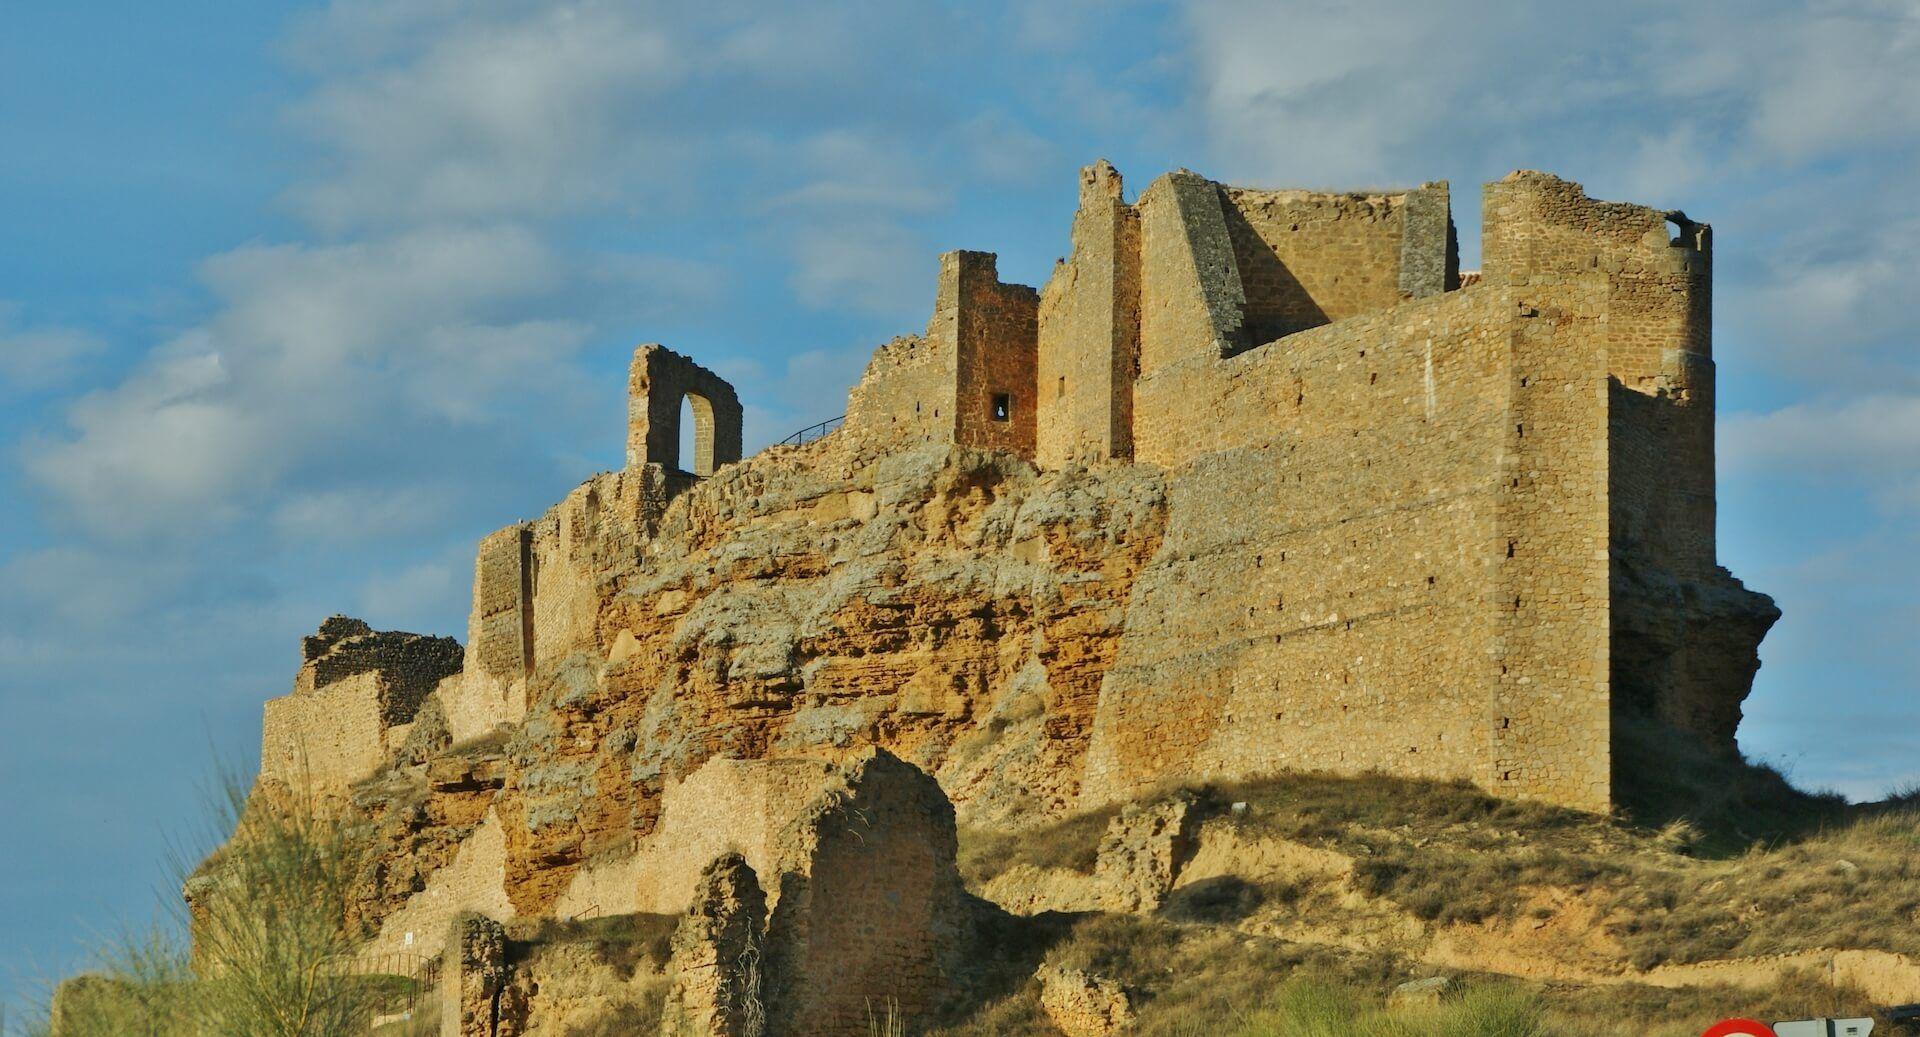 Zorita de los Canes alcazaba